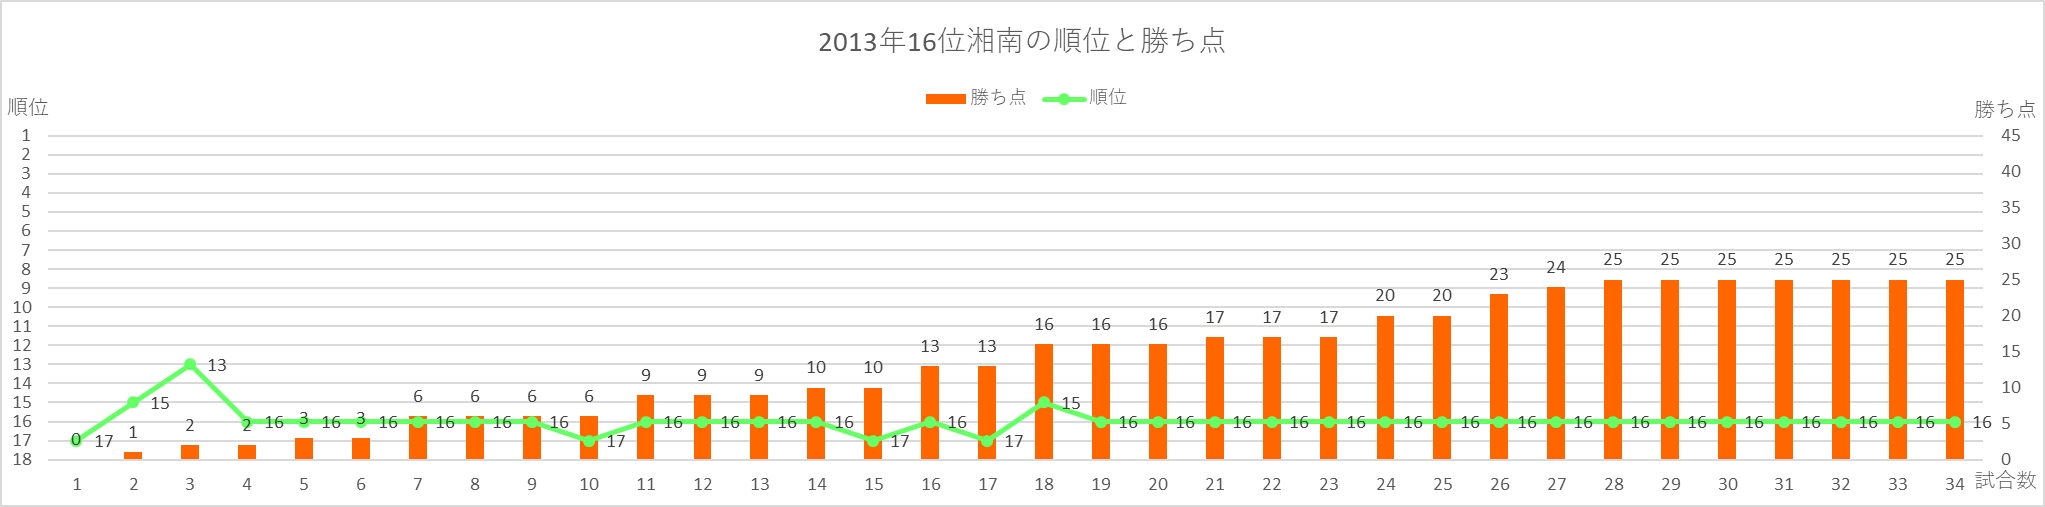 2013年湘南の順位と勝ち点の推移